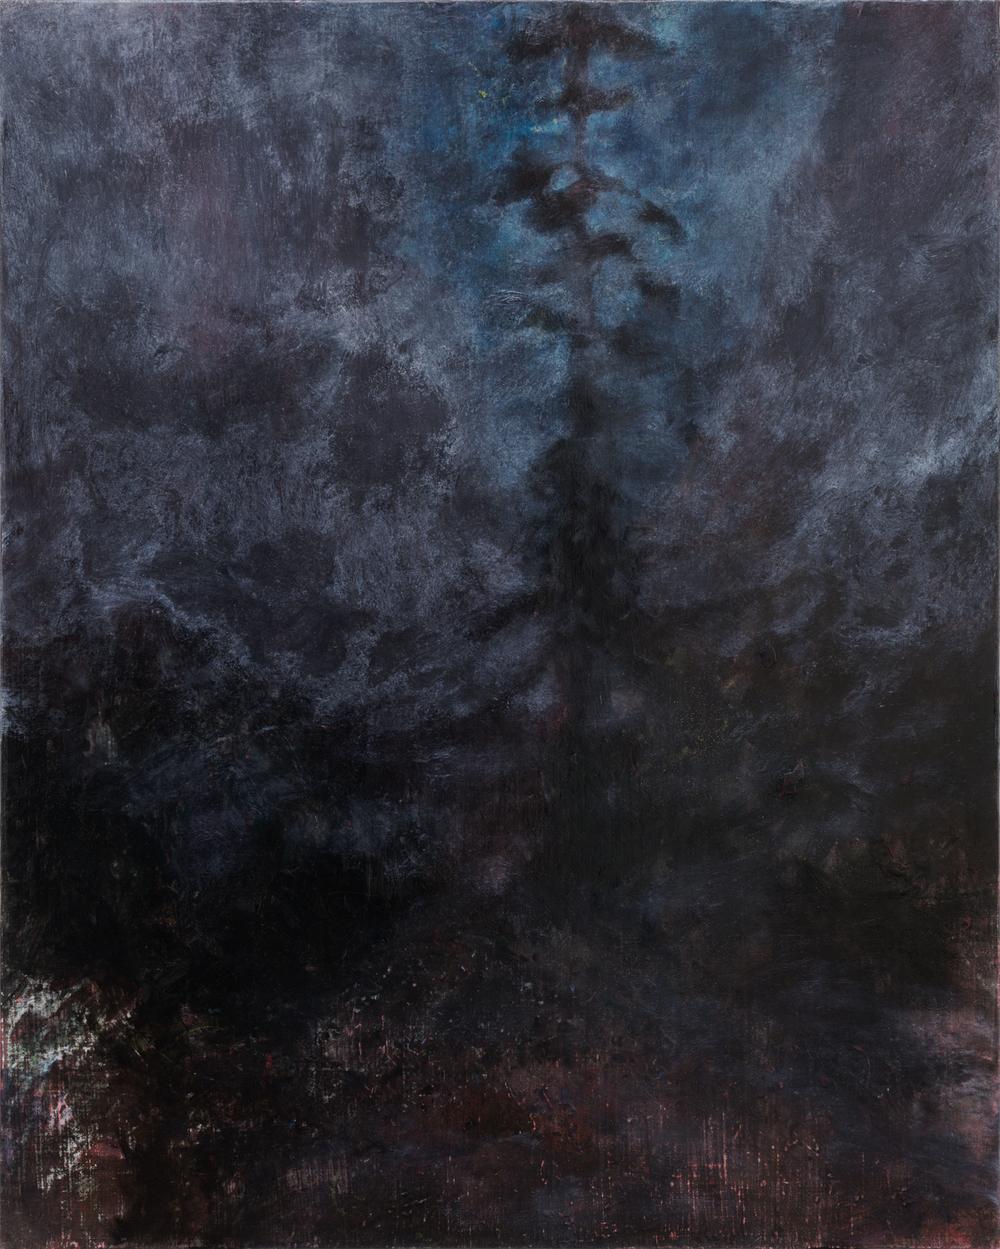 Chemistry II:V | Martin Ålund